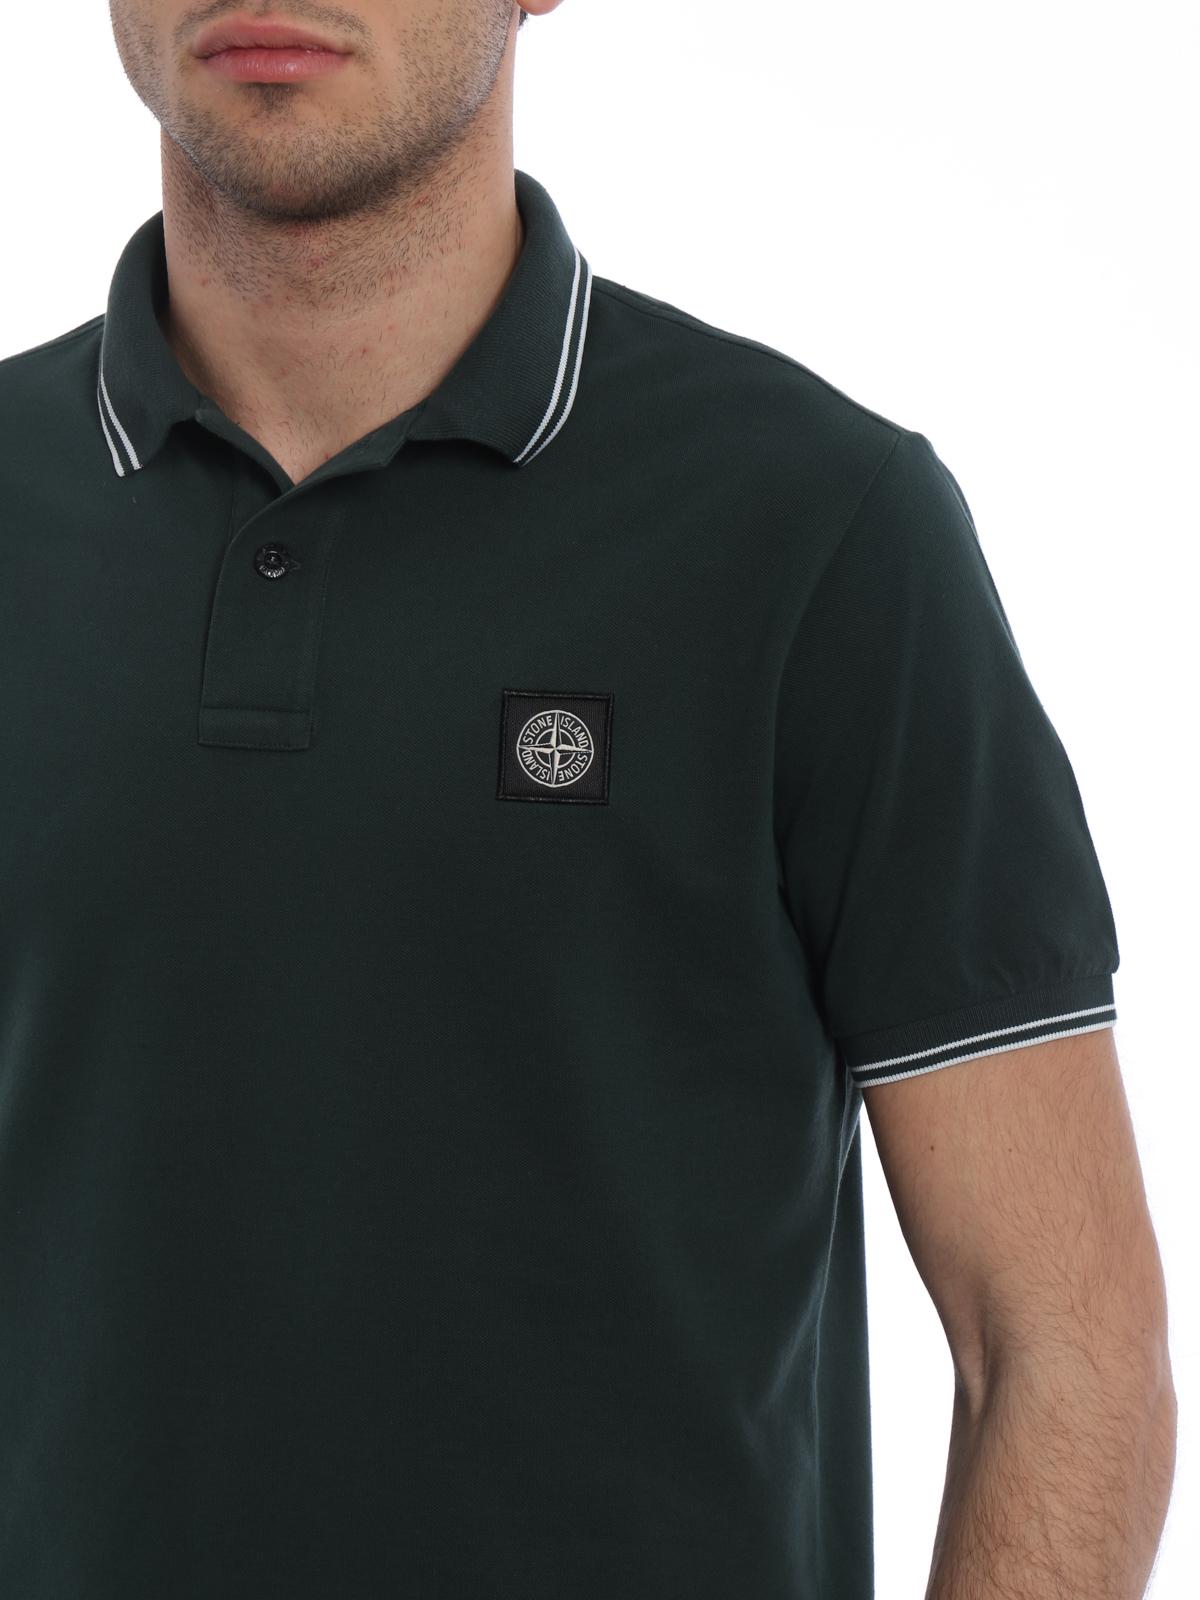 stone island polo shirt sale